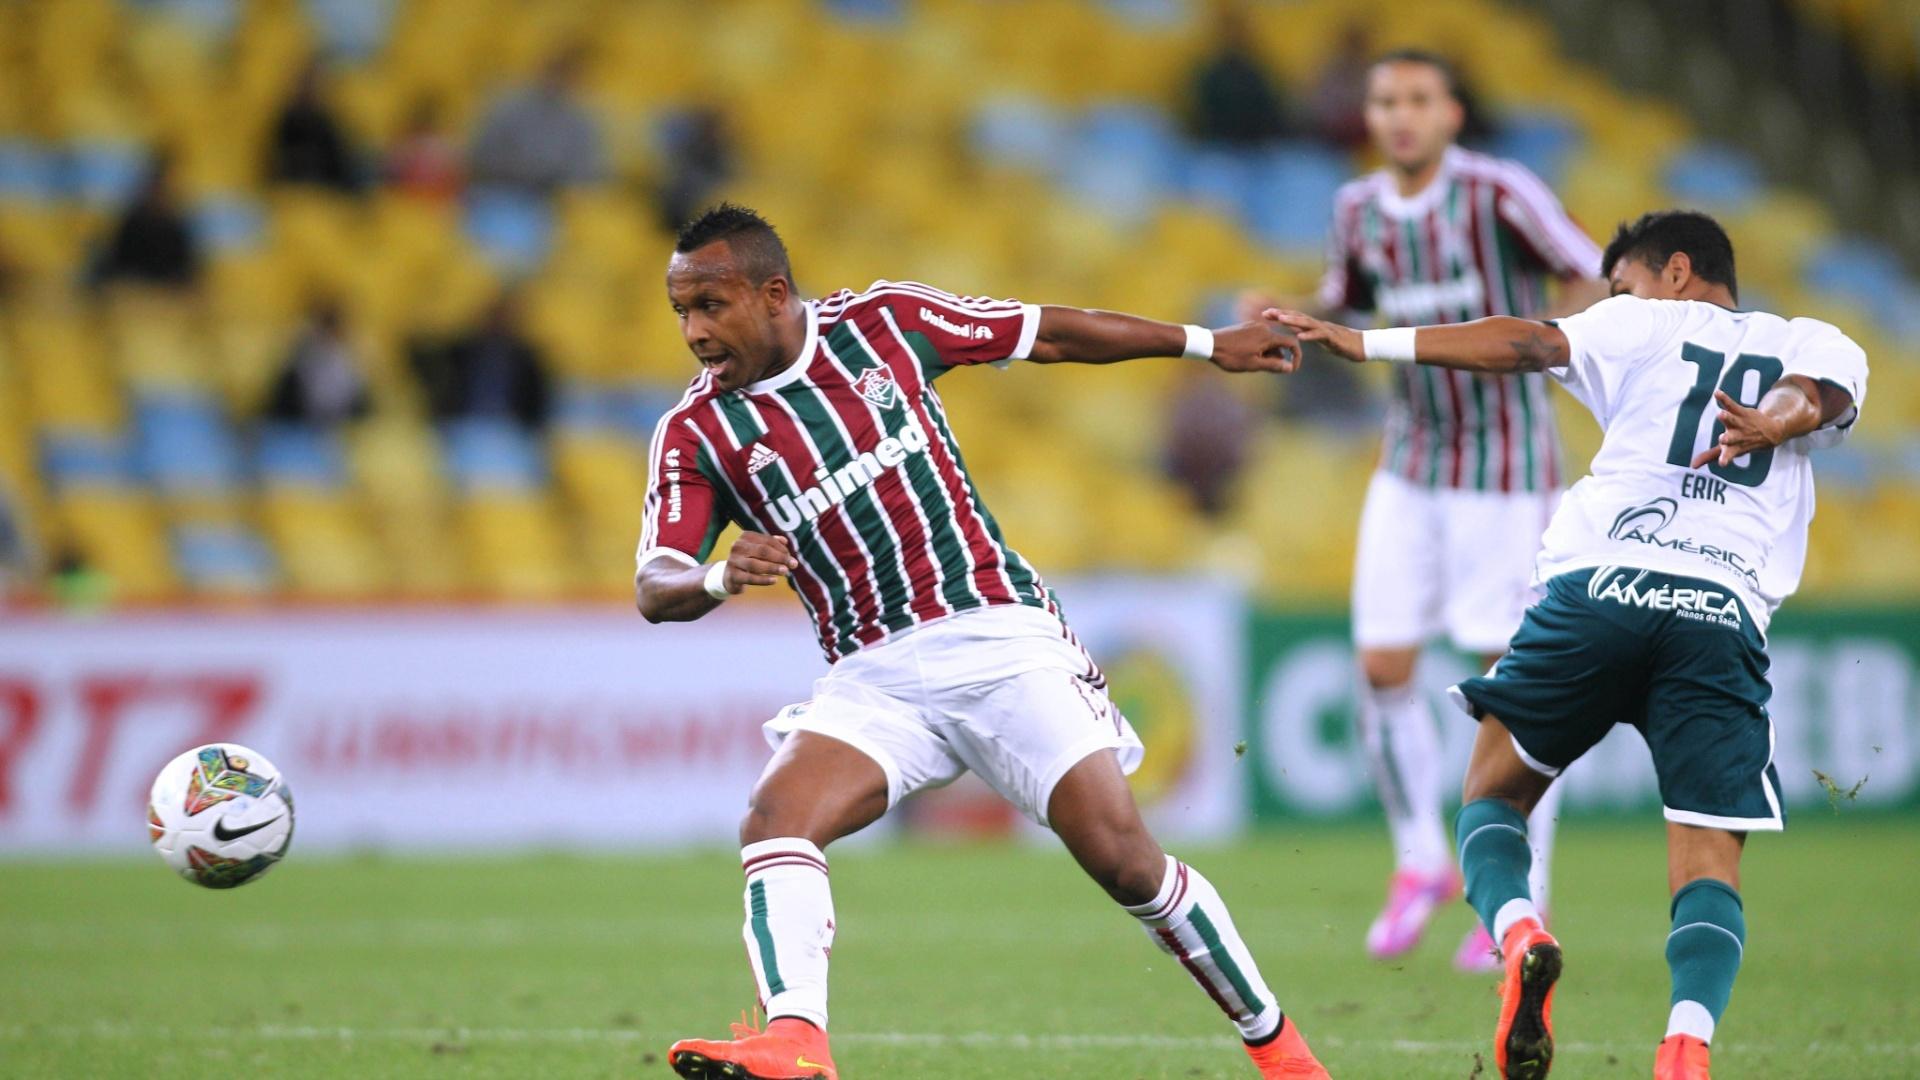 Chiquinho desarma Erik em partida do Fluminense contra o Goiás pela Copa Sul-Americana